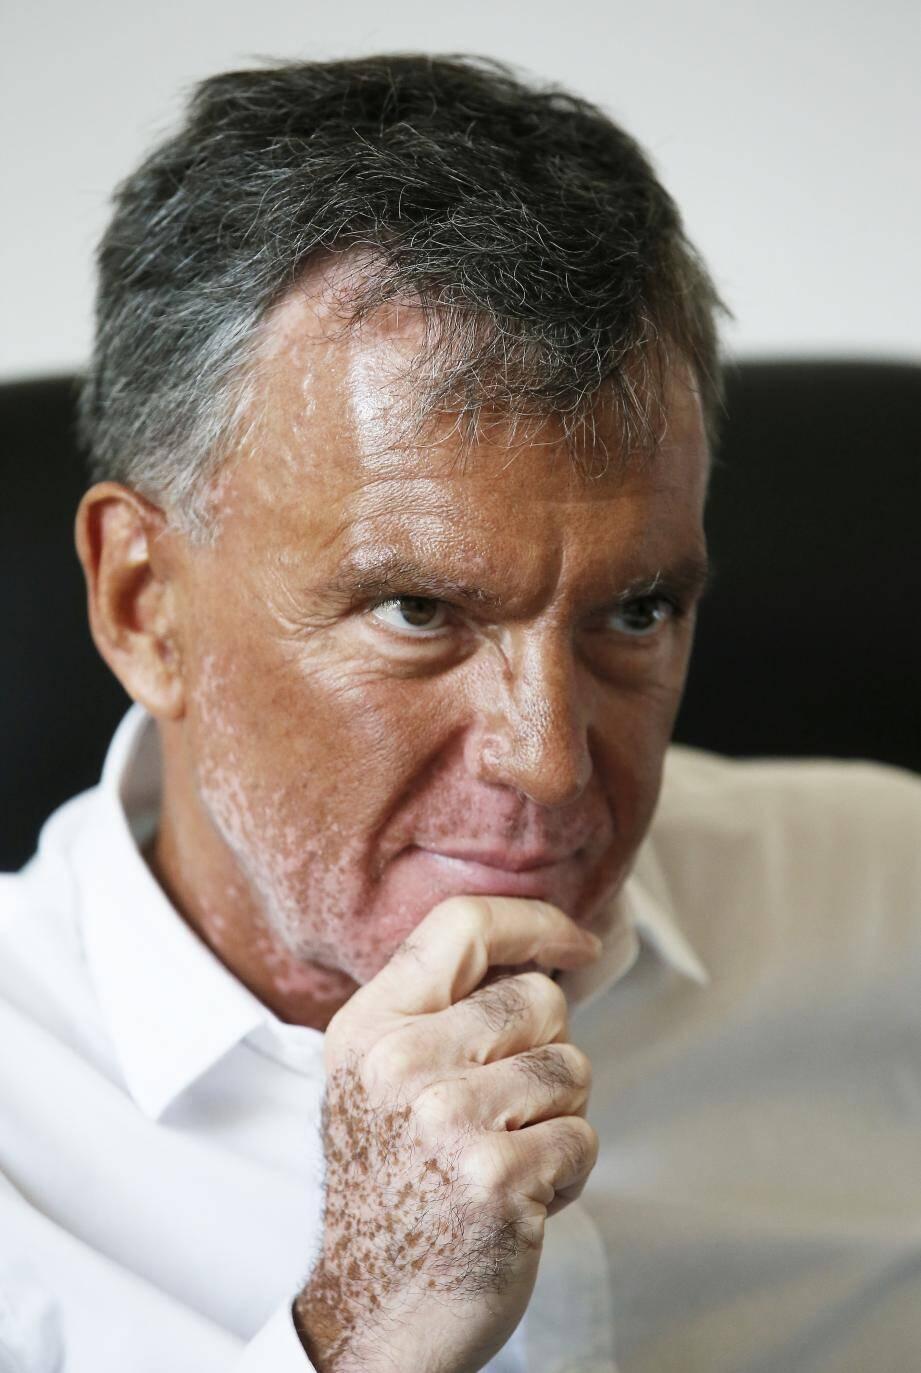 « De 2014 à 2017, lorsque Rachline était sénateur, [Sert] a été le véritable maire de Fréjus », décrypte le patron varois de DLF. Ci-dessous, le maire et son premier adjoint en 2014, complices, au soir de la victoire.